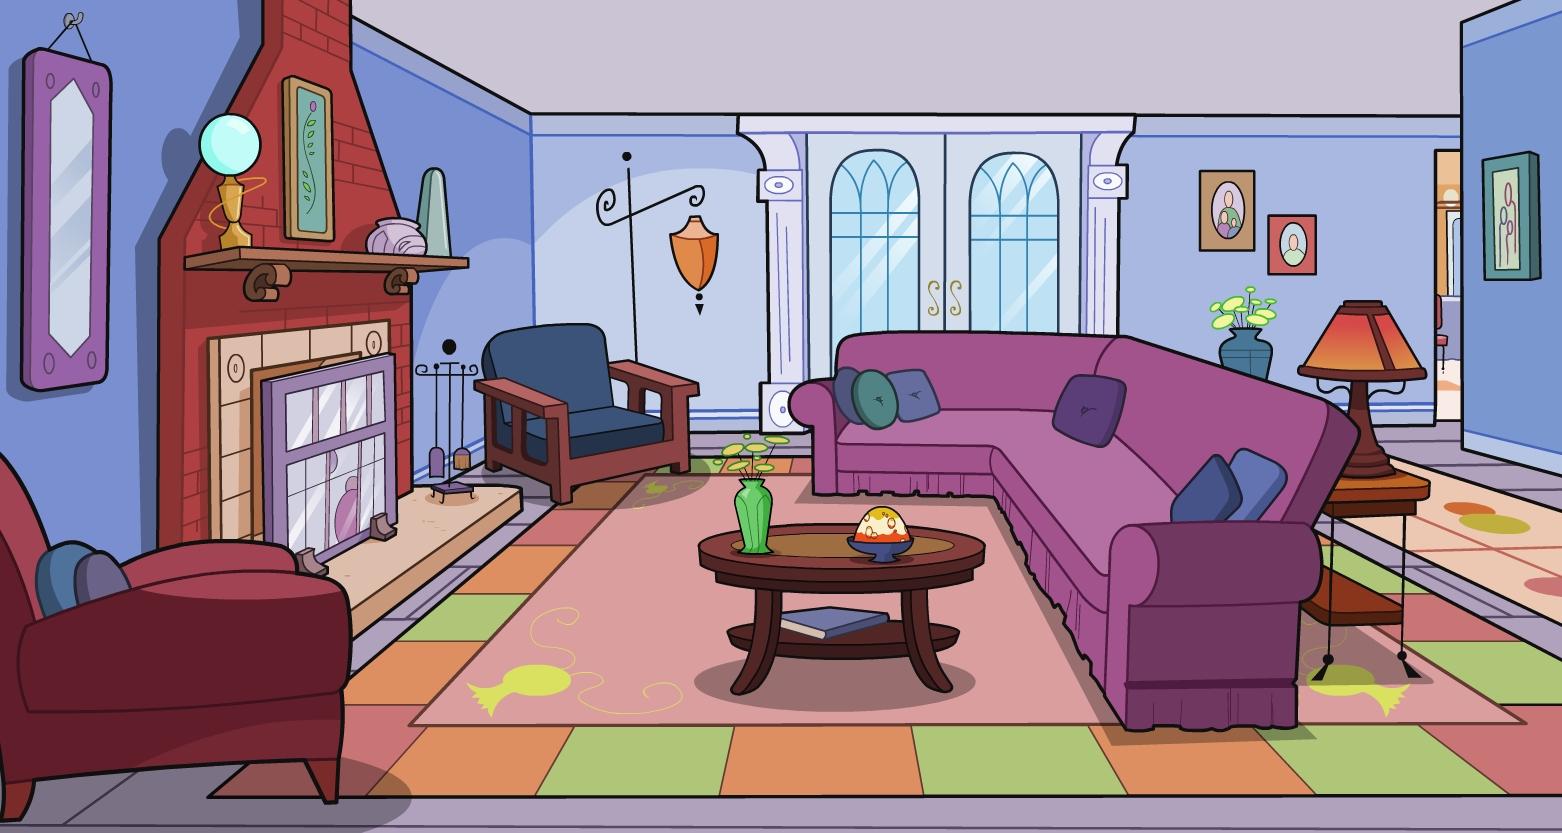 Room clipart Cartoon Download Art THE Clip